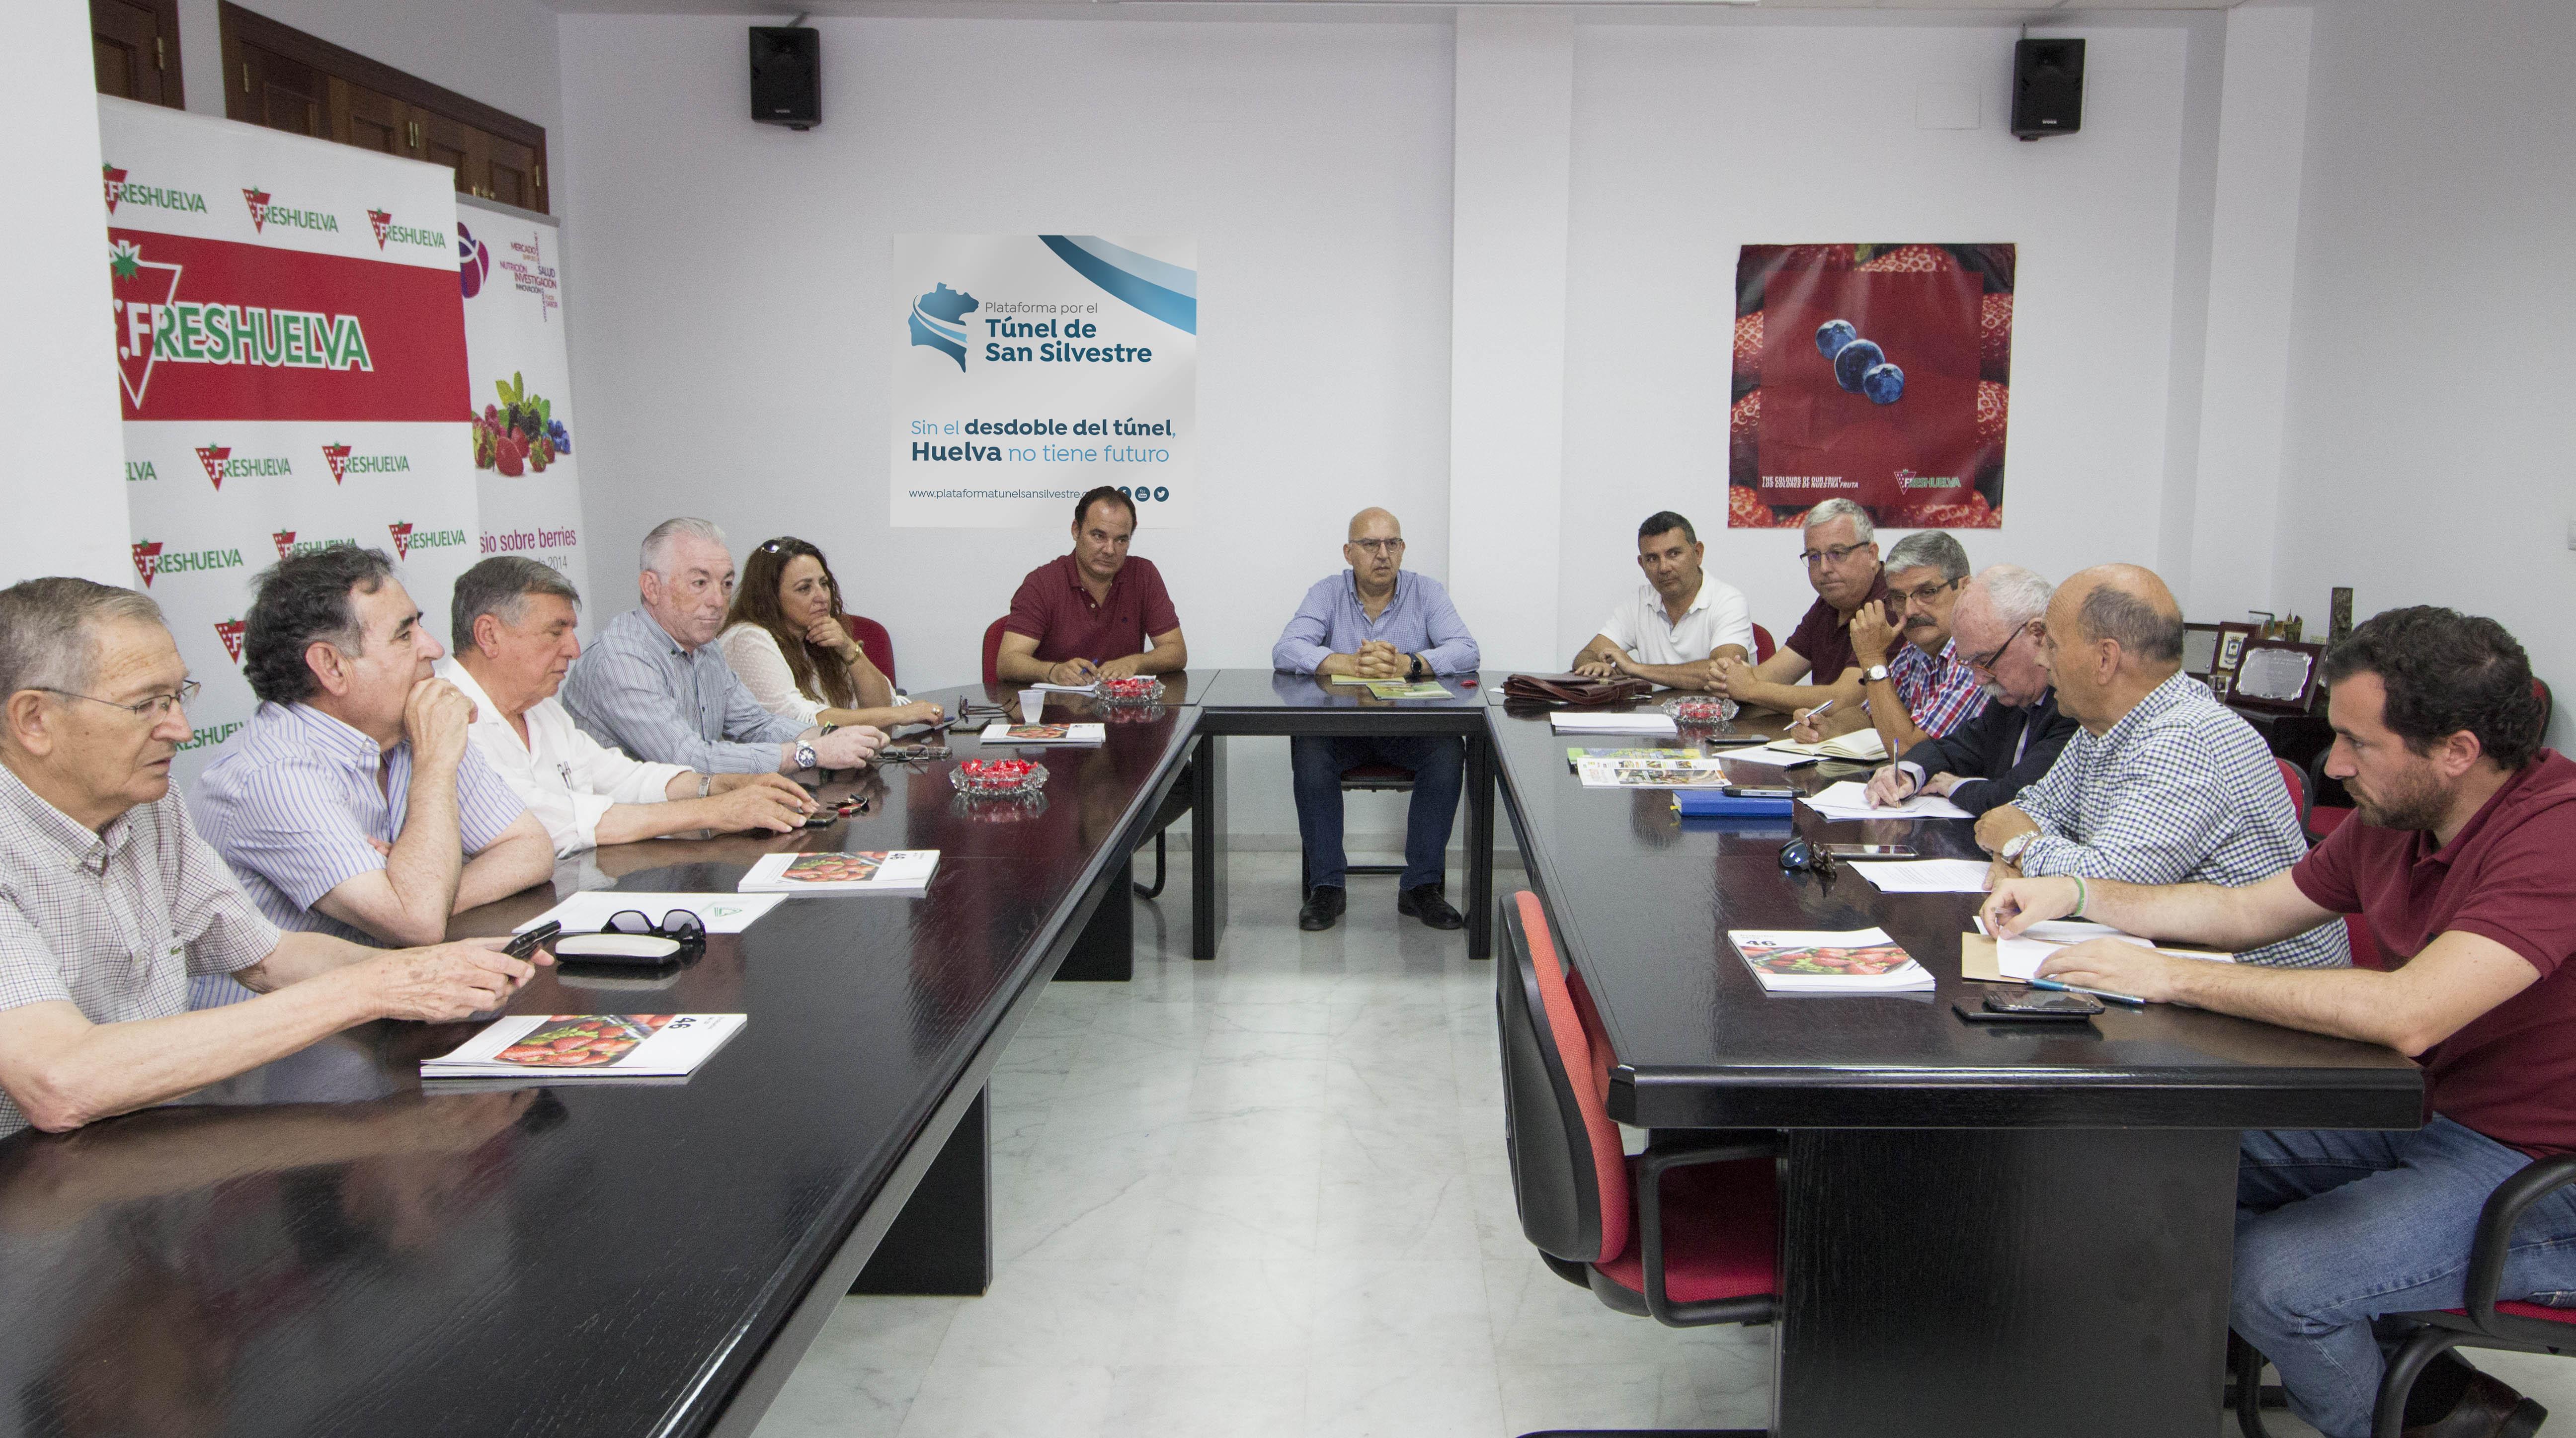 La Plataforma por el Túnel de San Silvestre solicitará un encuentro con la consejera de Agricultura